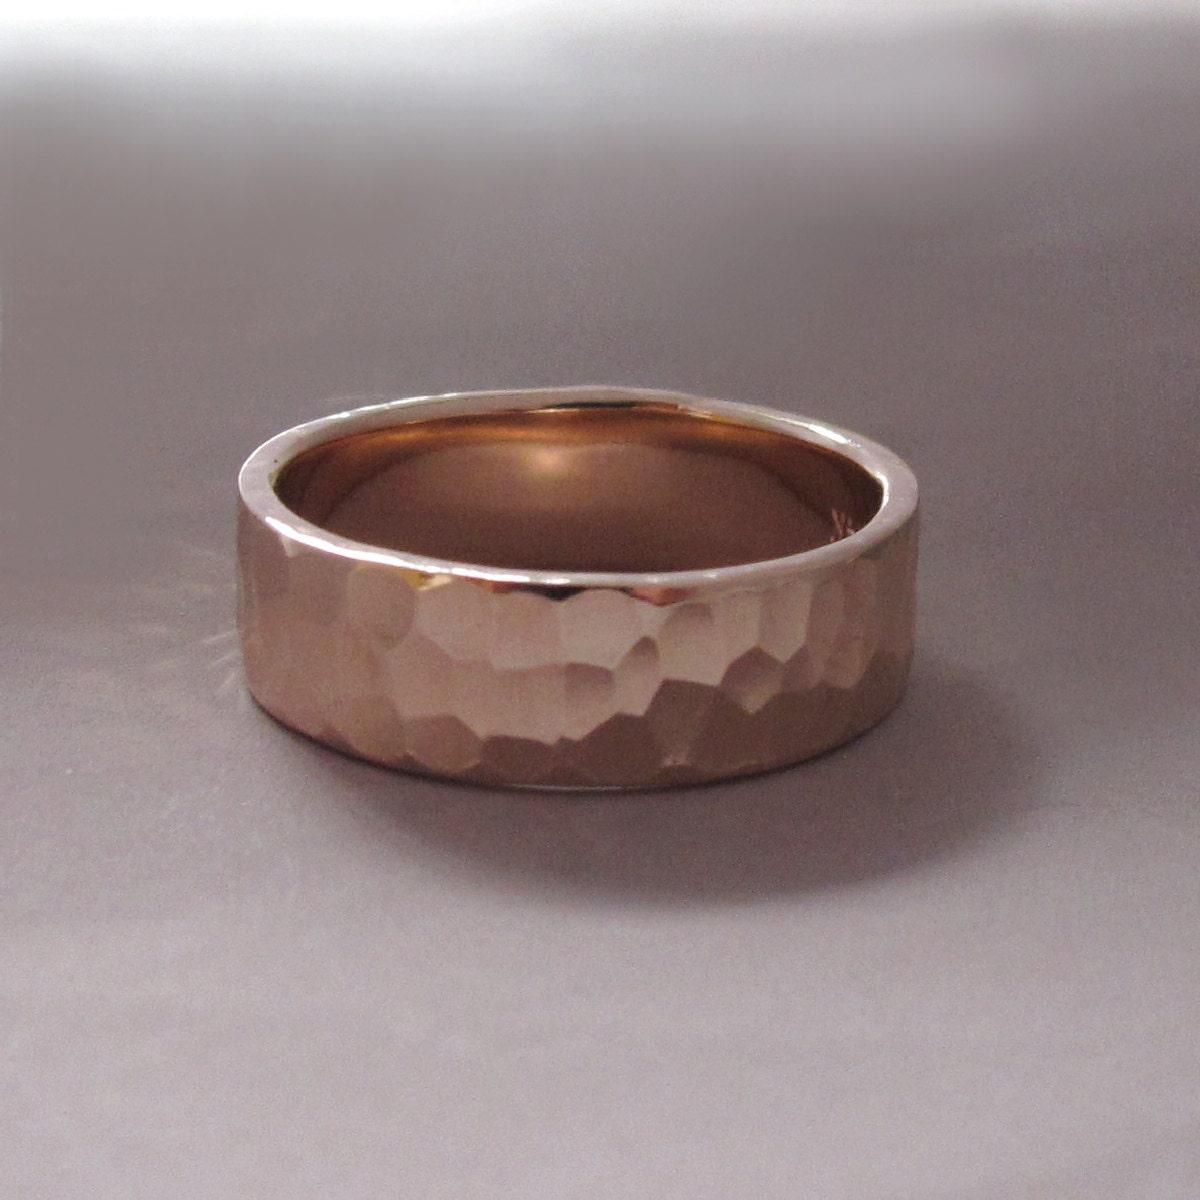 14k gold wedding ring hammered polished or matte